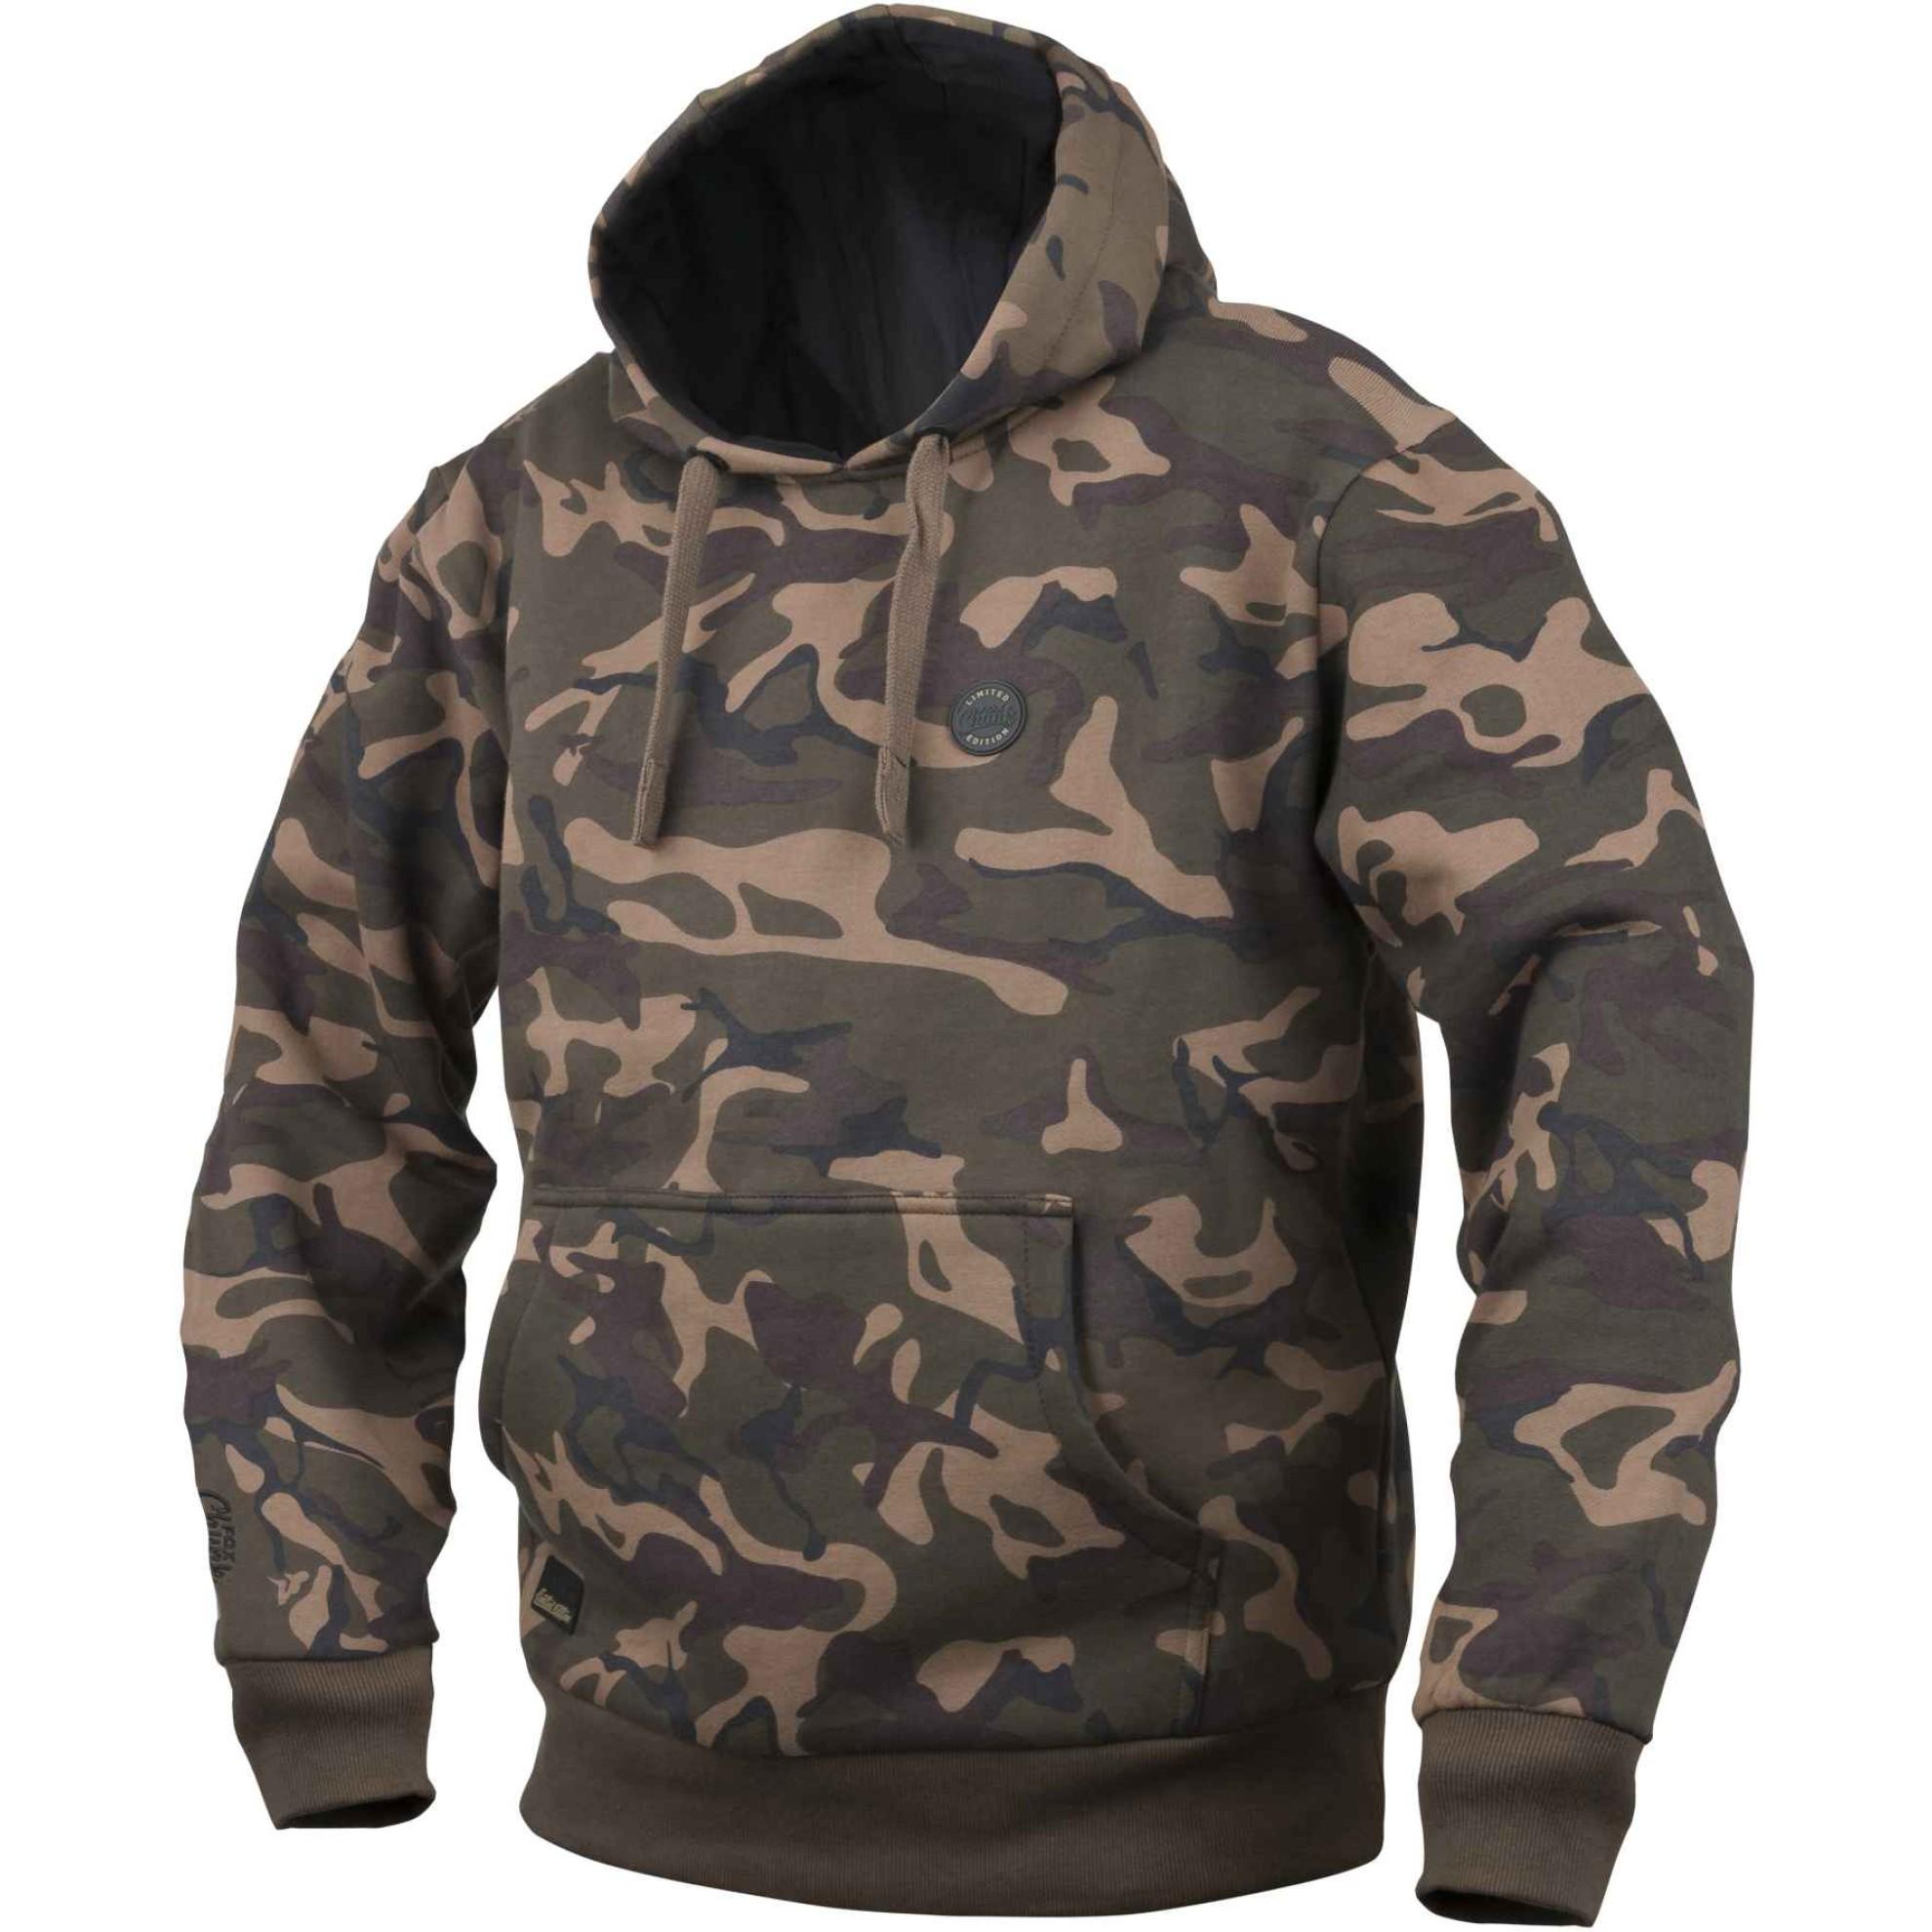 Bekleidung Angelsport Fox Gebürstete Baumwolle T-Shirt grün/schwarz